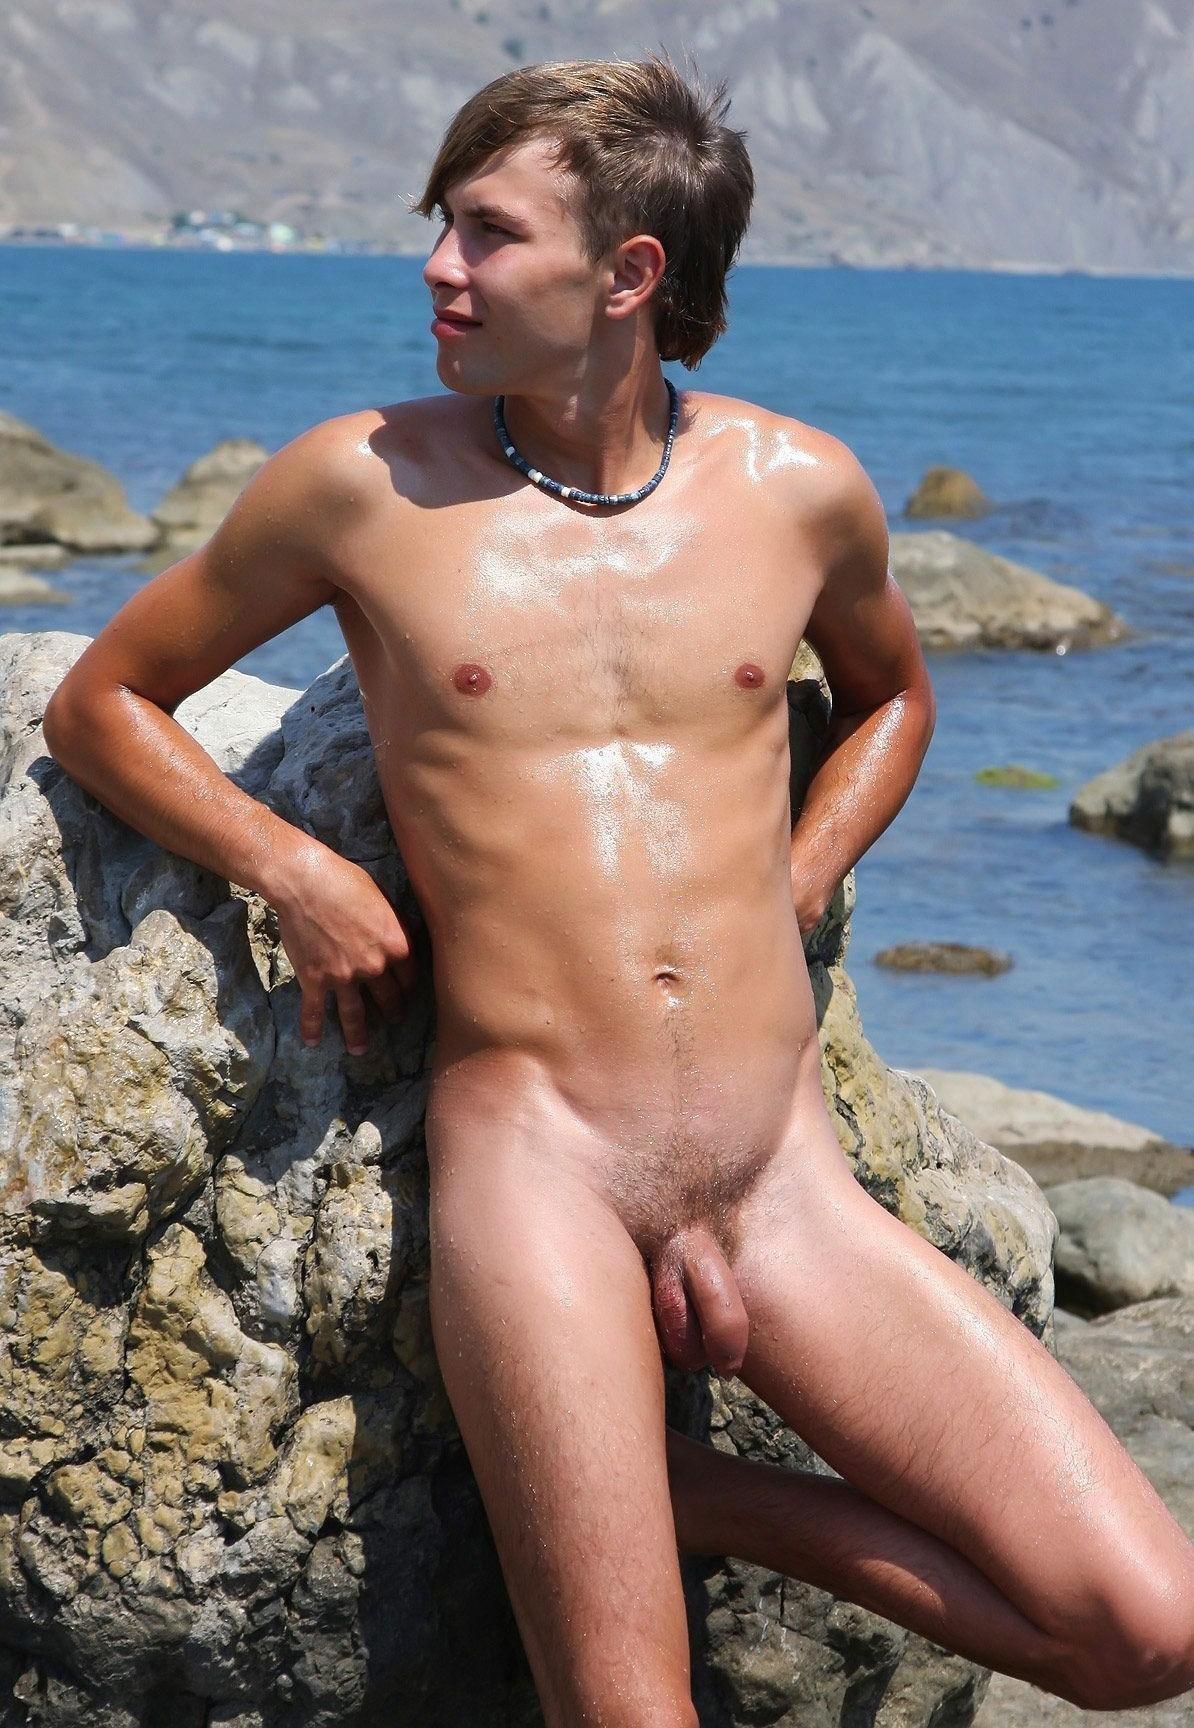 Смотреть голые мальчики подростки нудисты 4 фотография